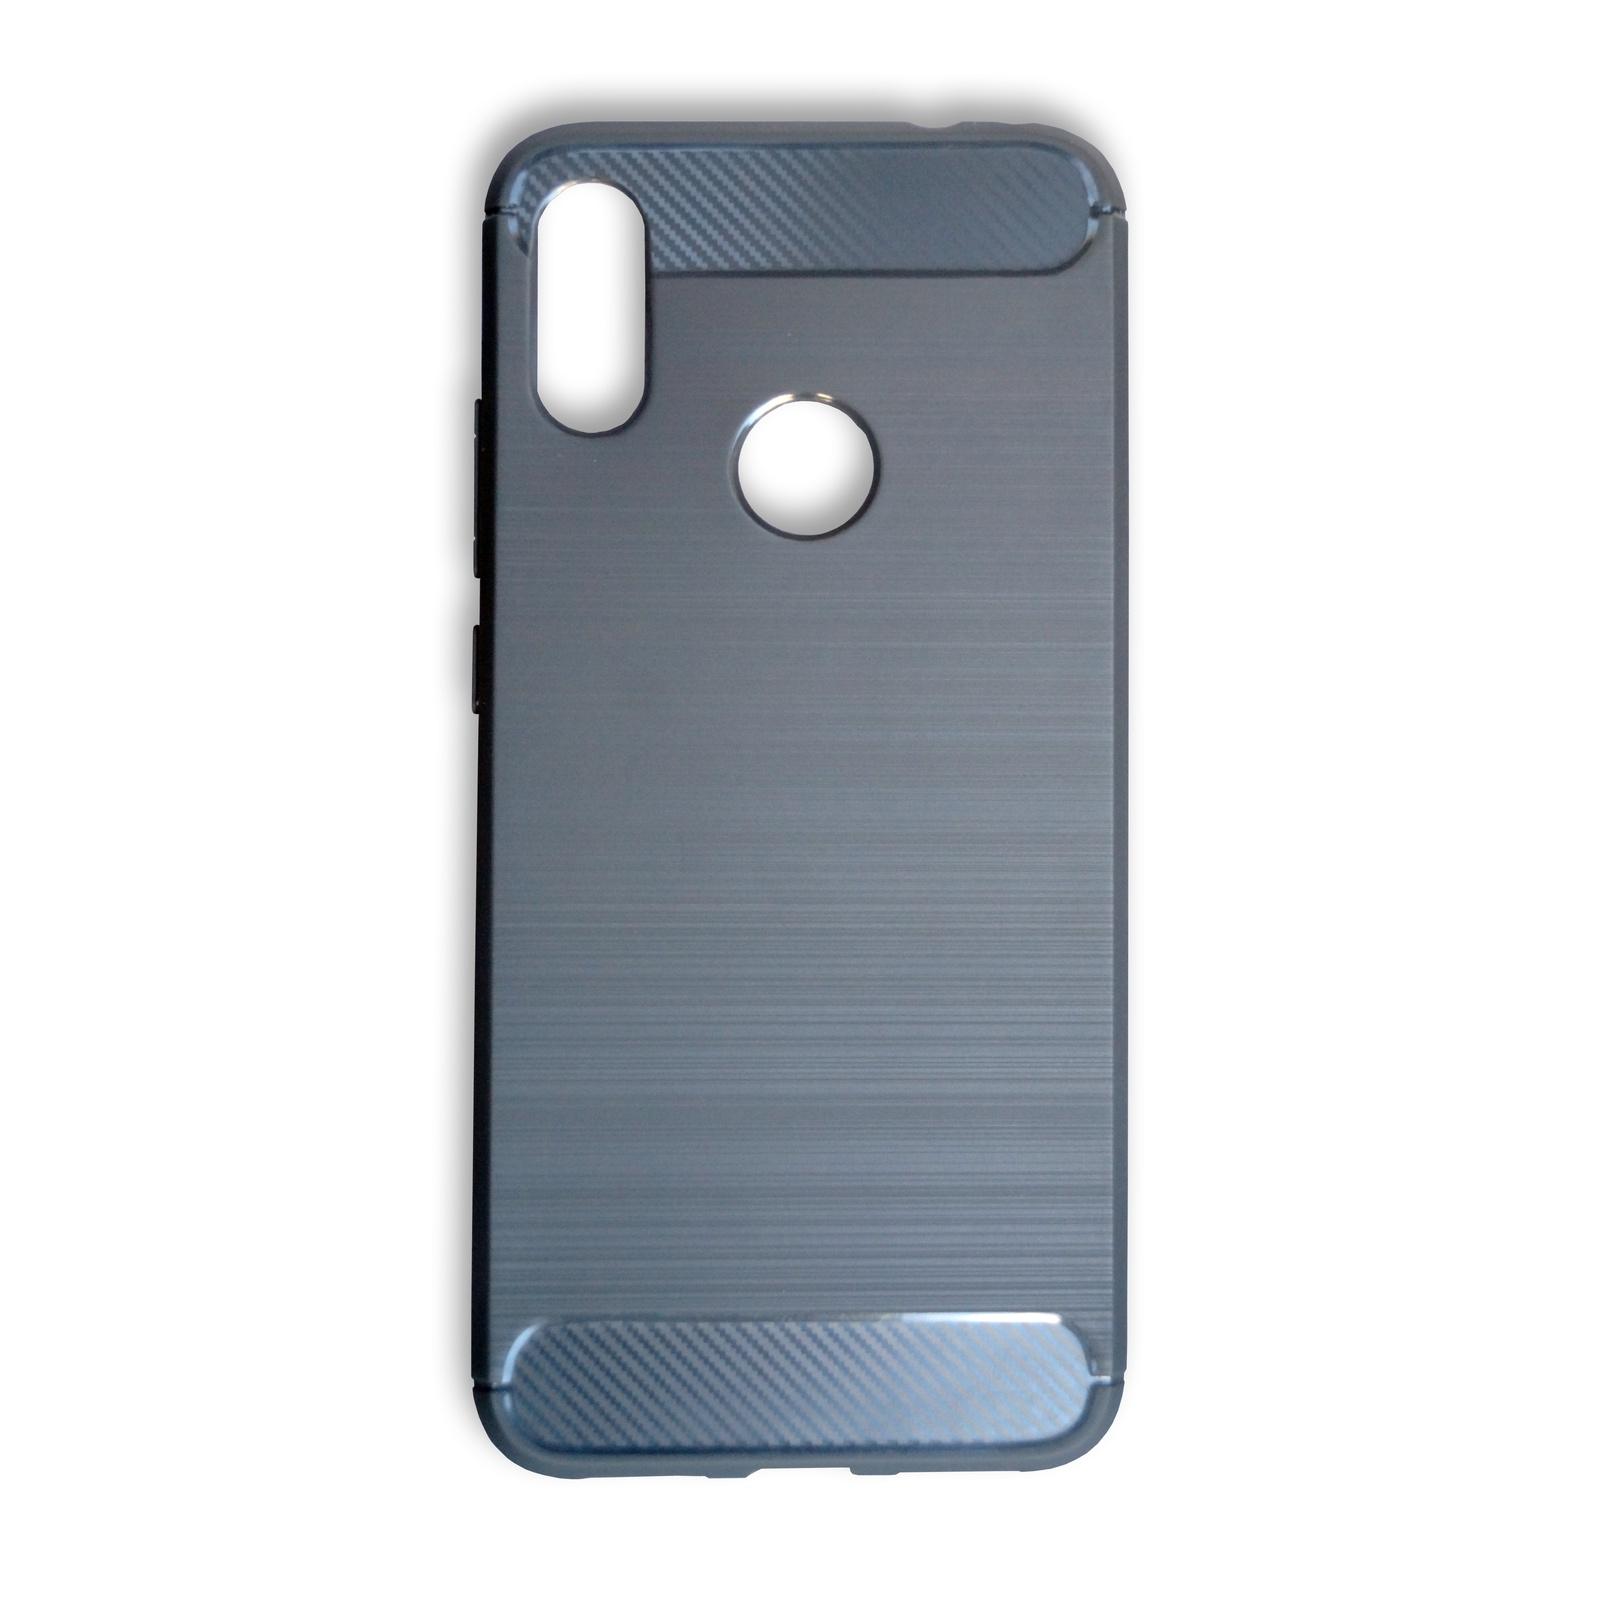 Чехол для сотового телефона Противоударный полиуретановый чехол для Xiaomi Redmi Note 7, серый